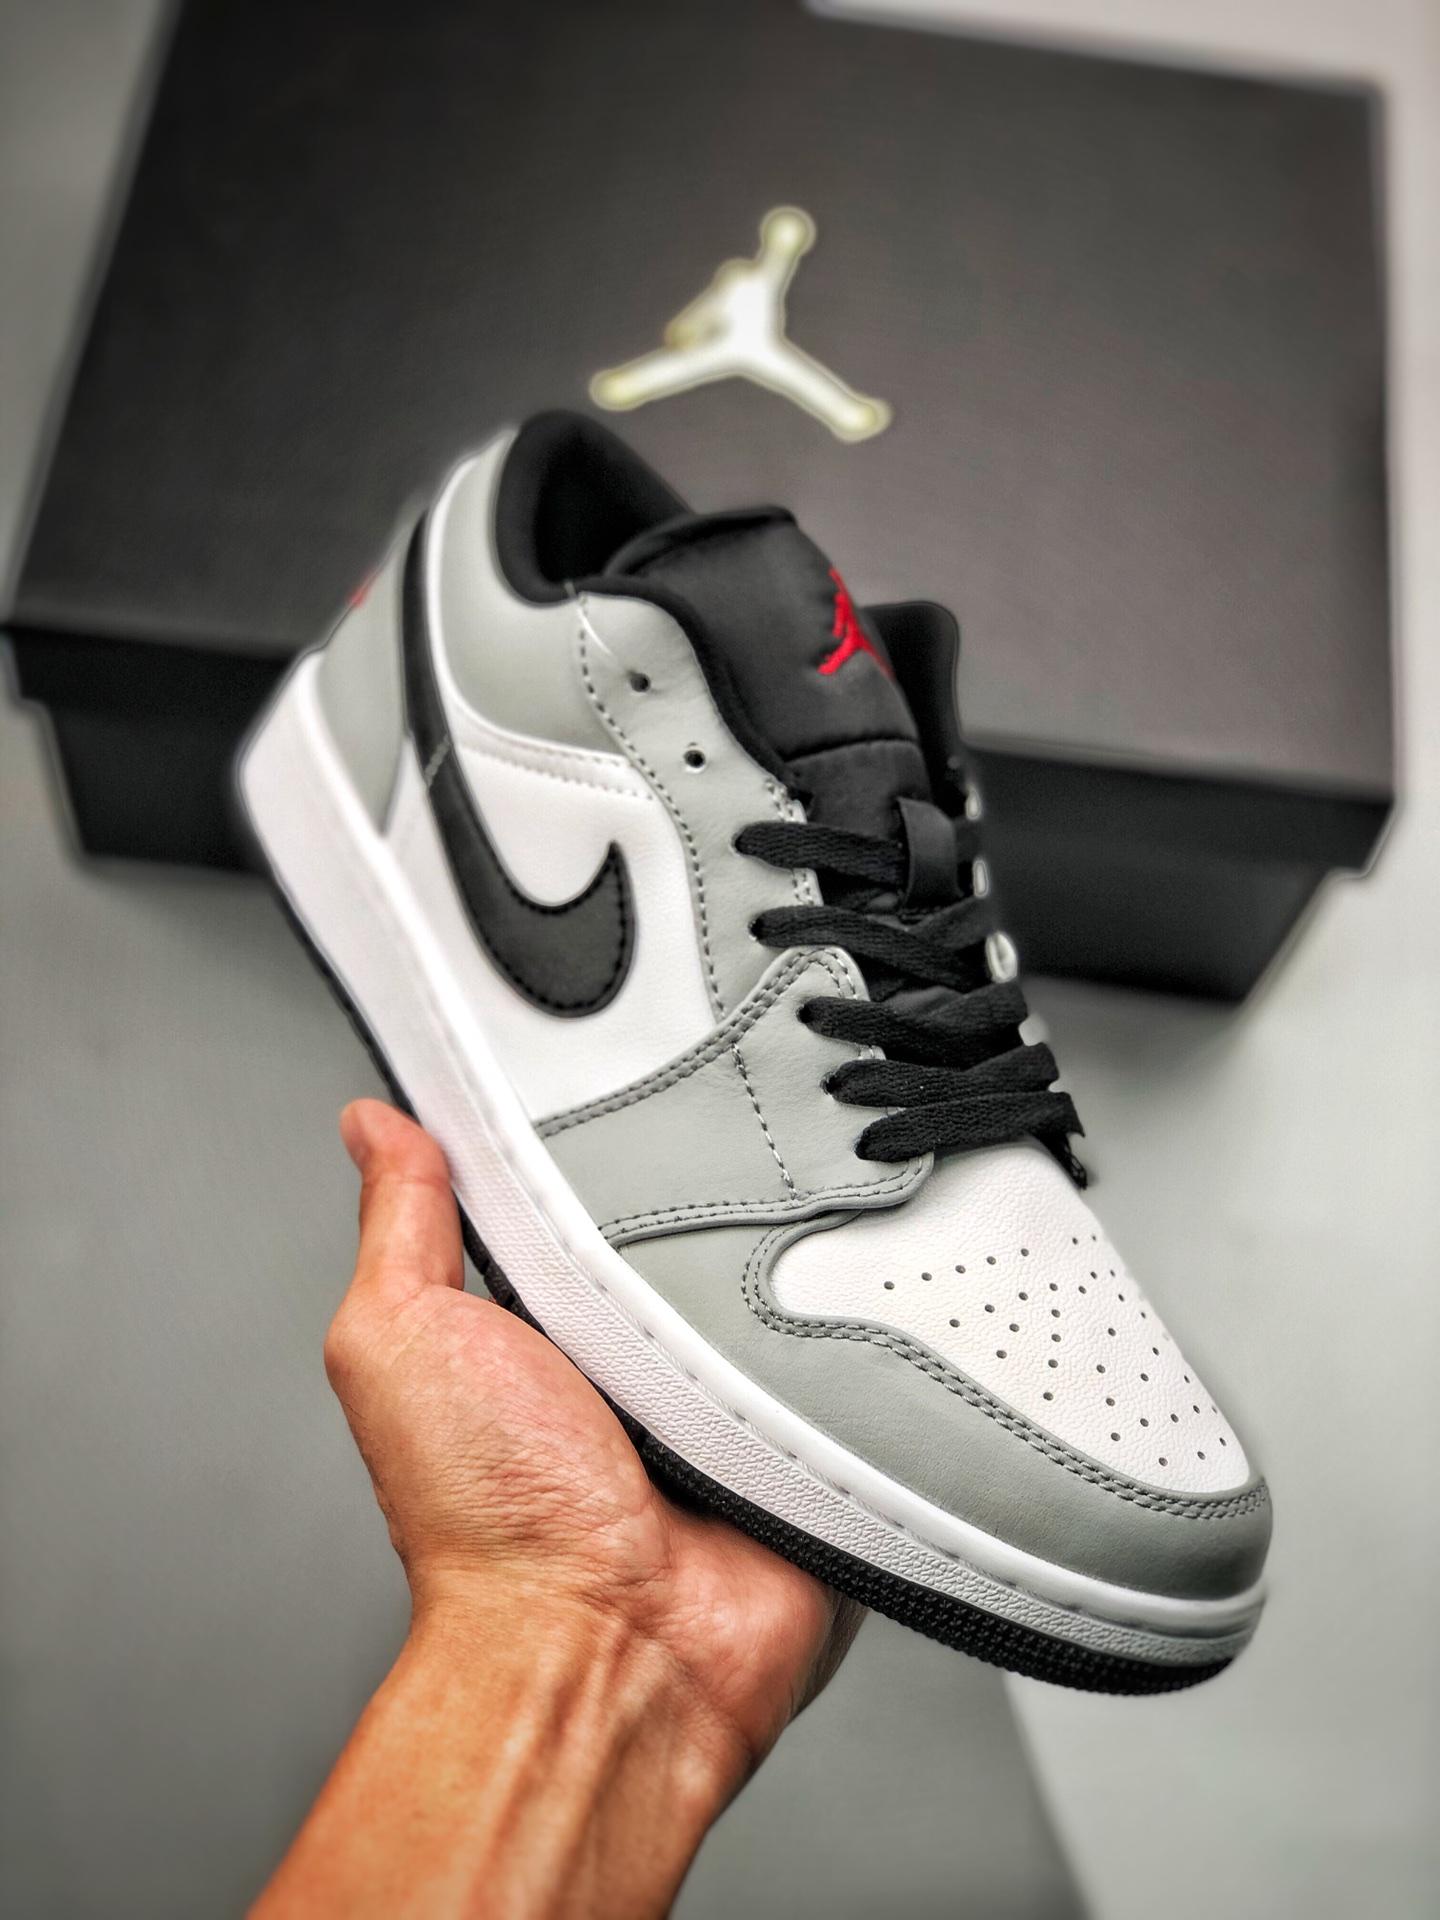 S2低帮low系列 Air Jordan 1 Low 灰黑低帮 小迪奥 烟灰色 白灰黑色 货号:553560-030_什么是s2纯原生产线